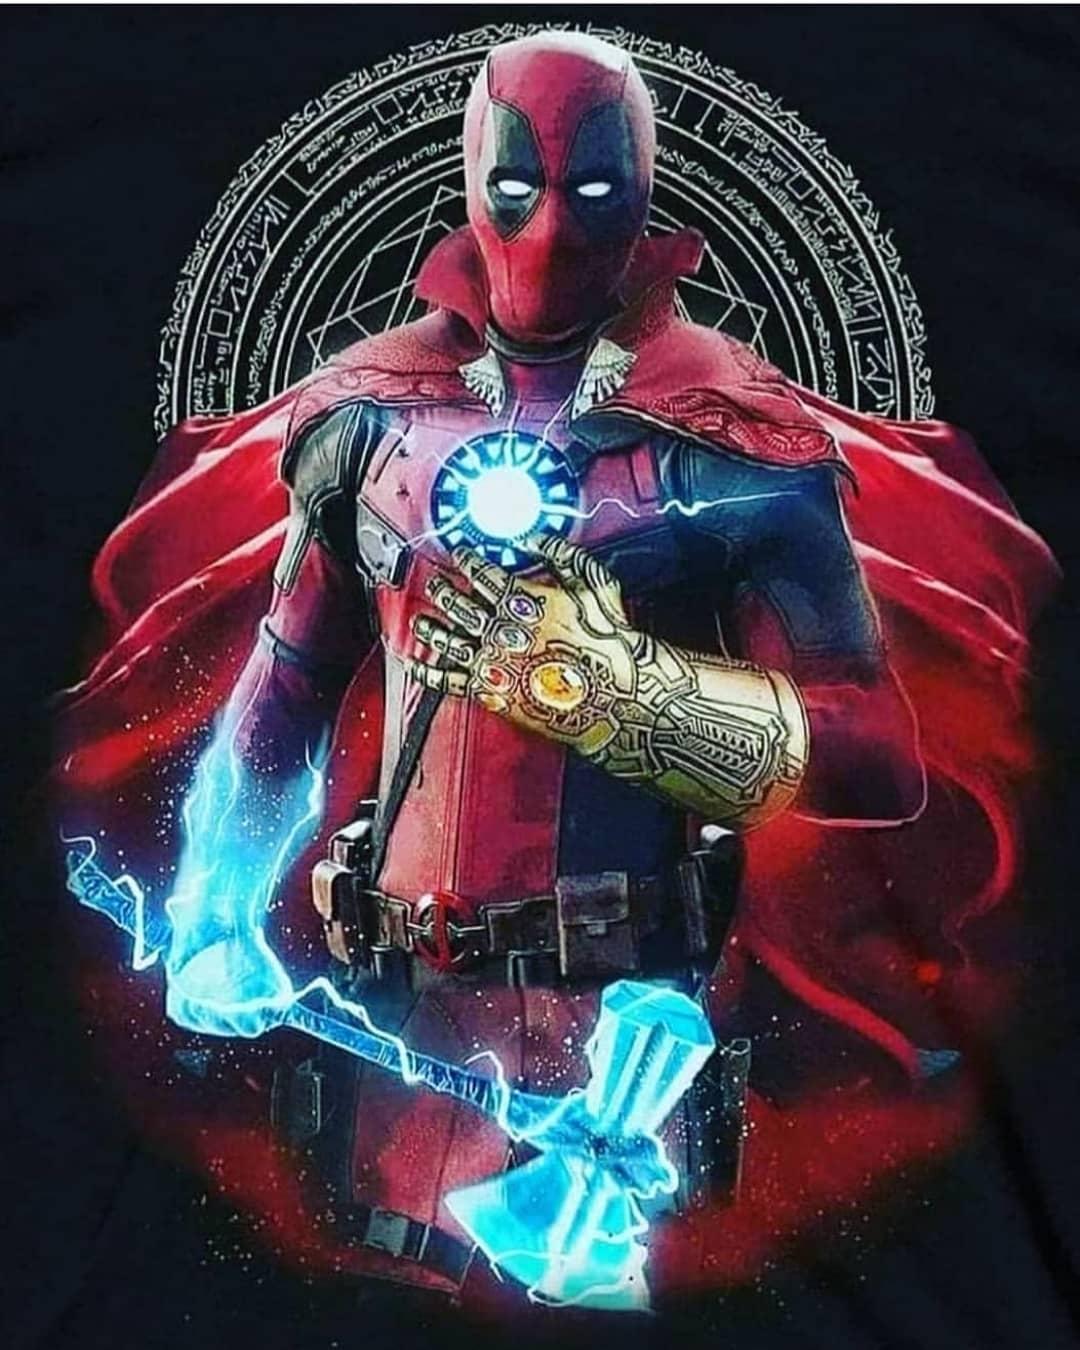 Divertidas imágenes de Deadpool haciendo de las suyas